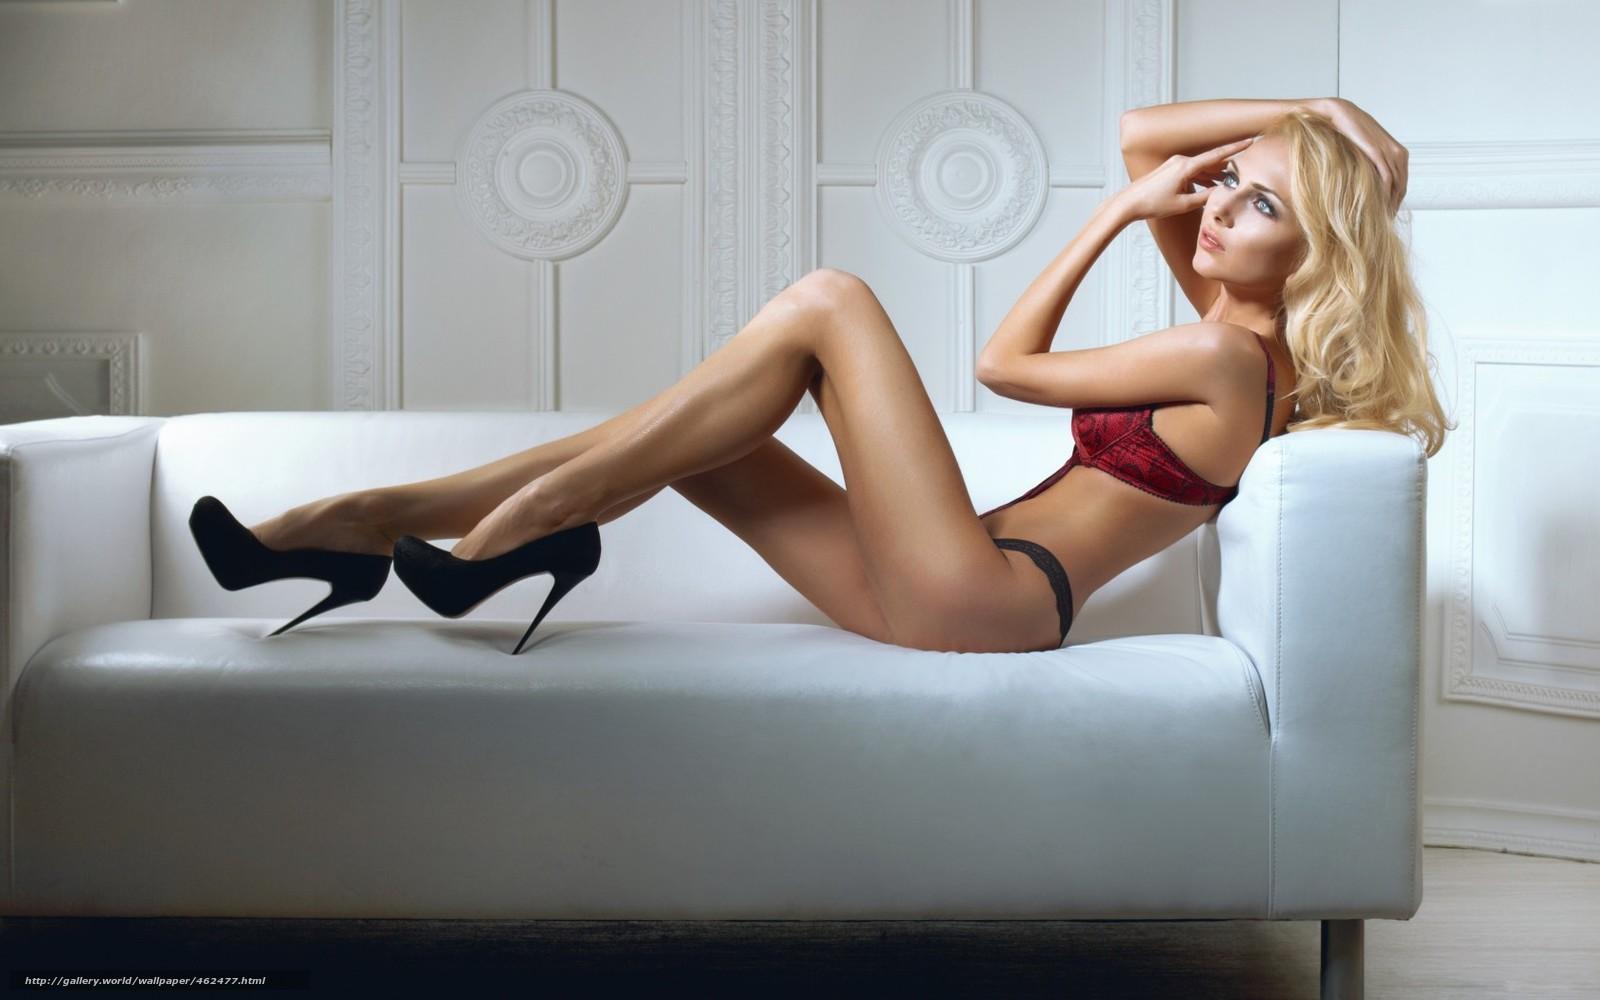 Фото блондинка на белом диване 21 фотография